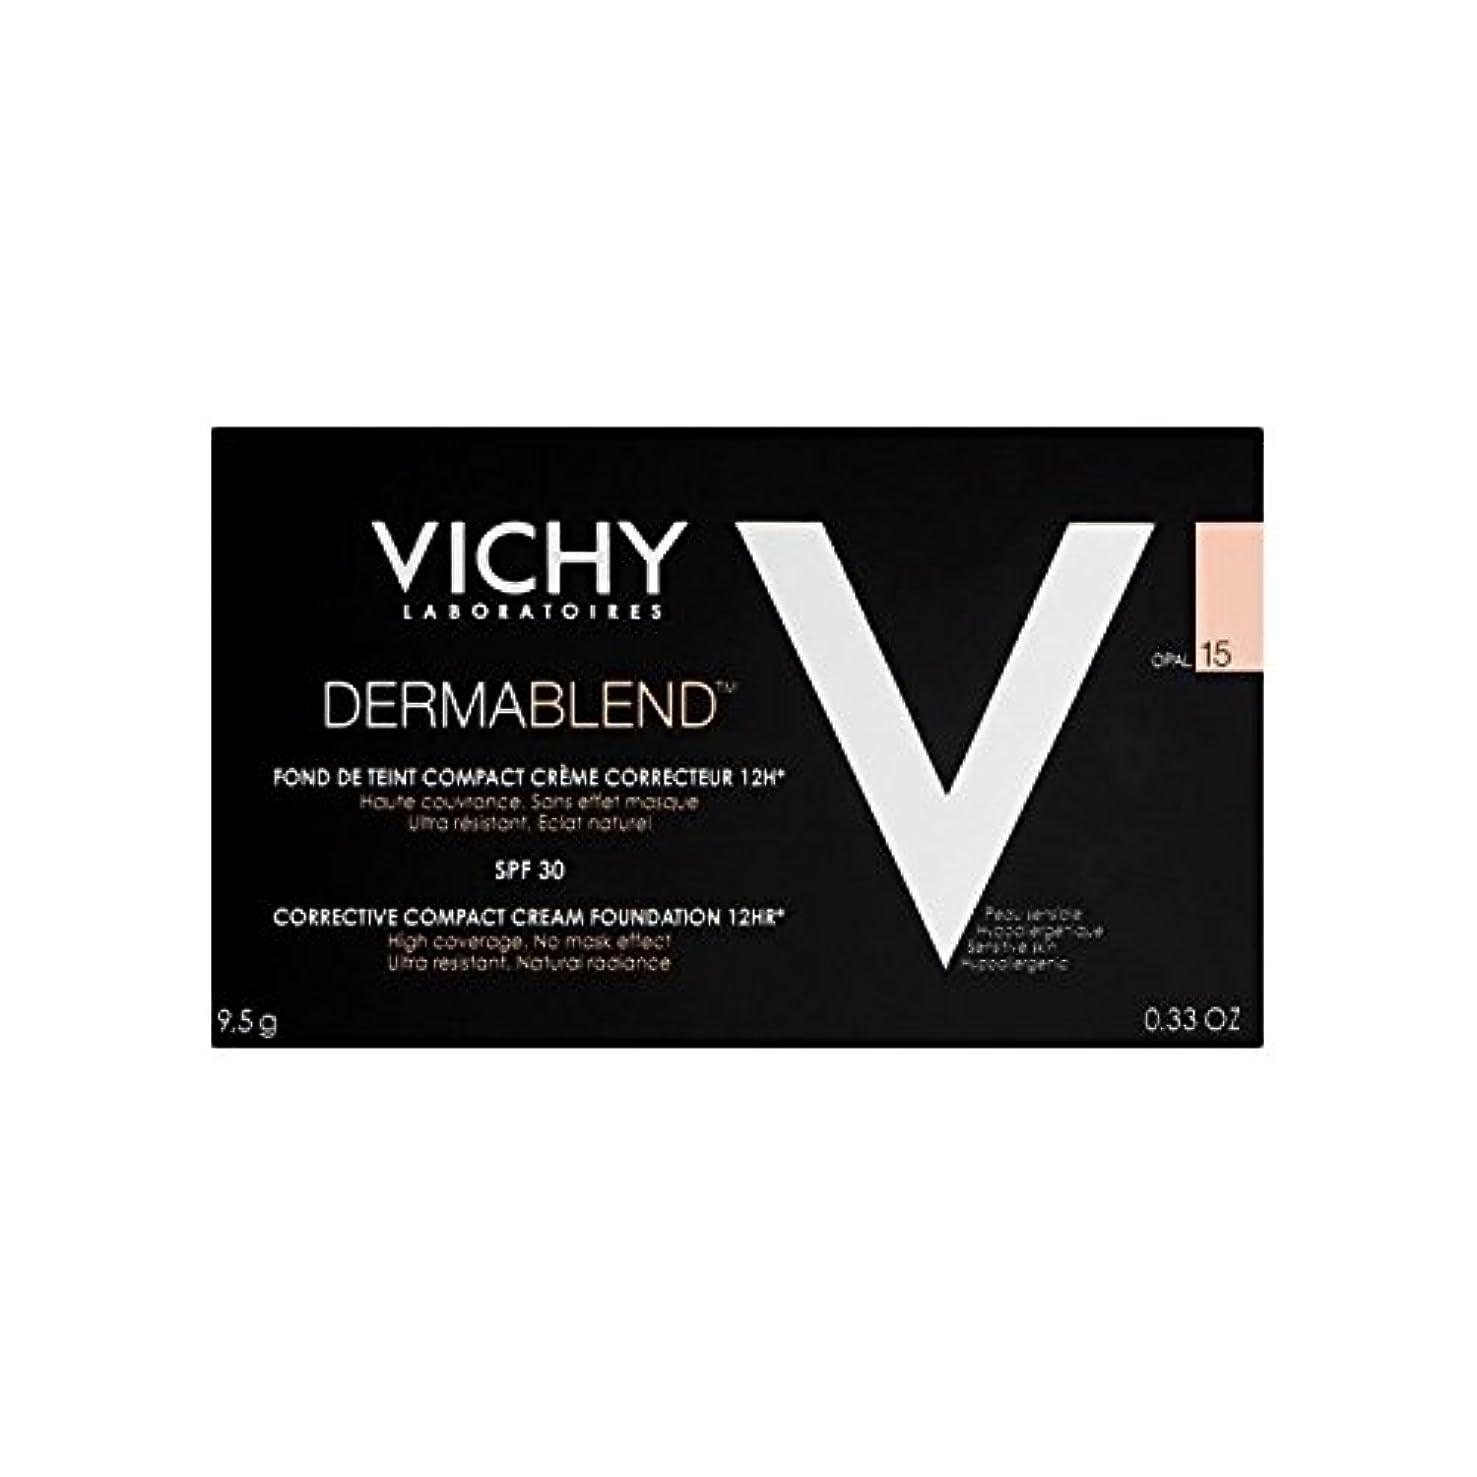 誘う実施する援助ヴィシー是正コンパクトクリームファンデーションオパール15 x2 - Vichy Dermablend Corrective Compact Cream Foundation Opal 15 (Pack of 2) [並行輸入品]